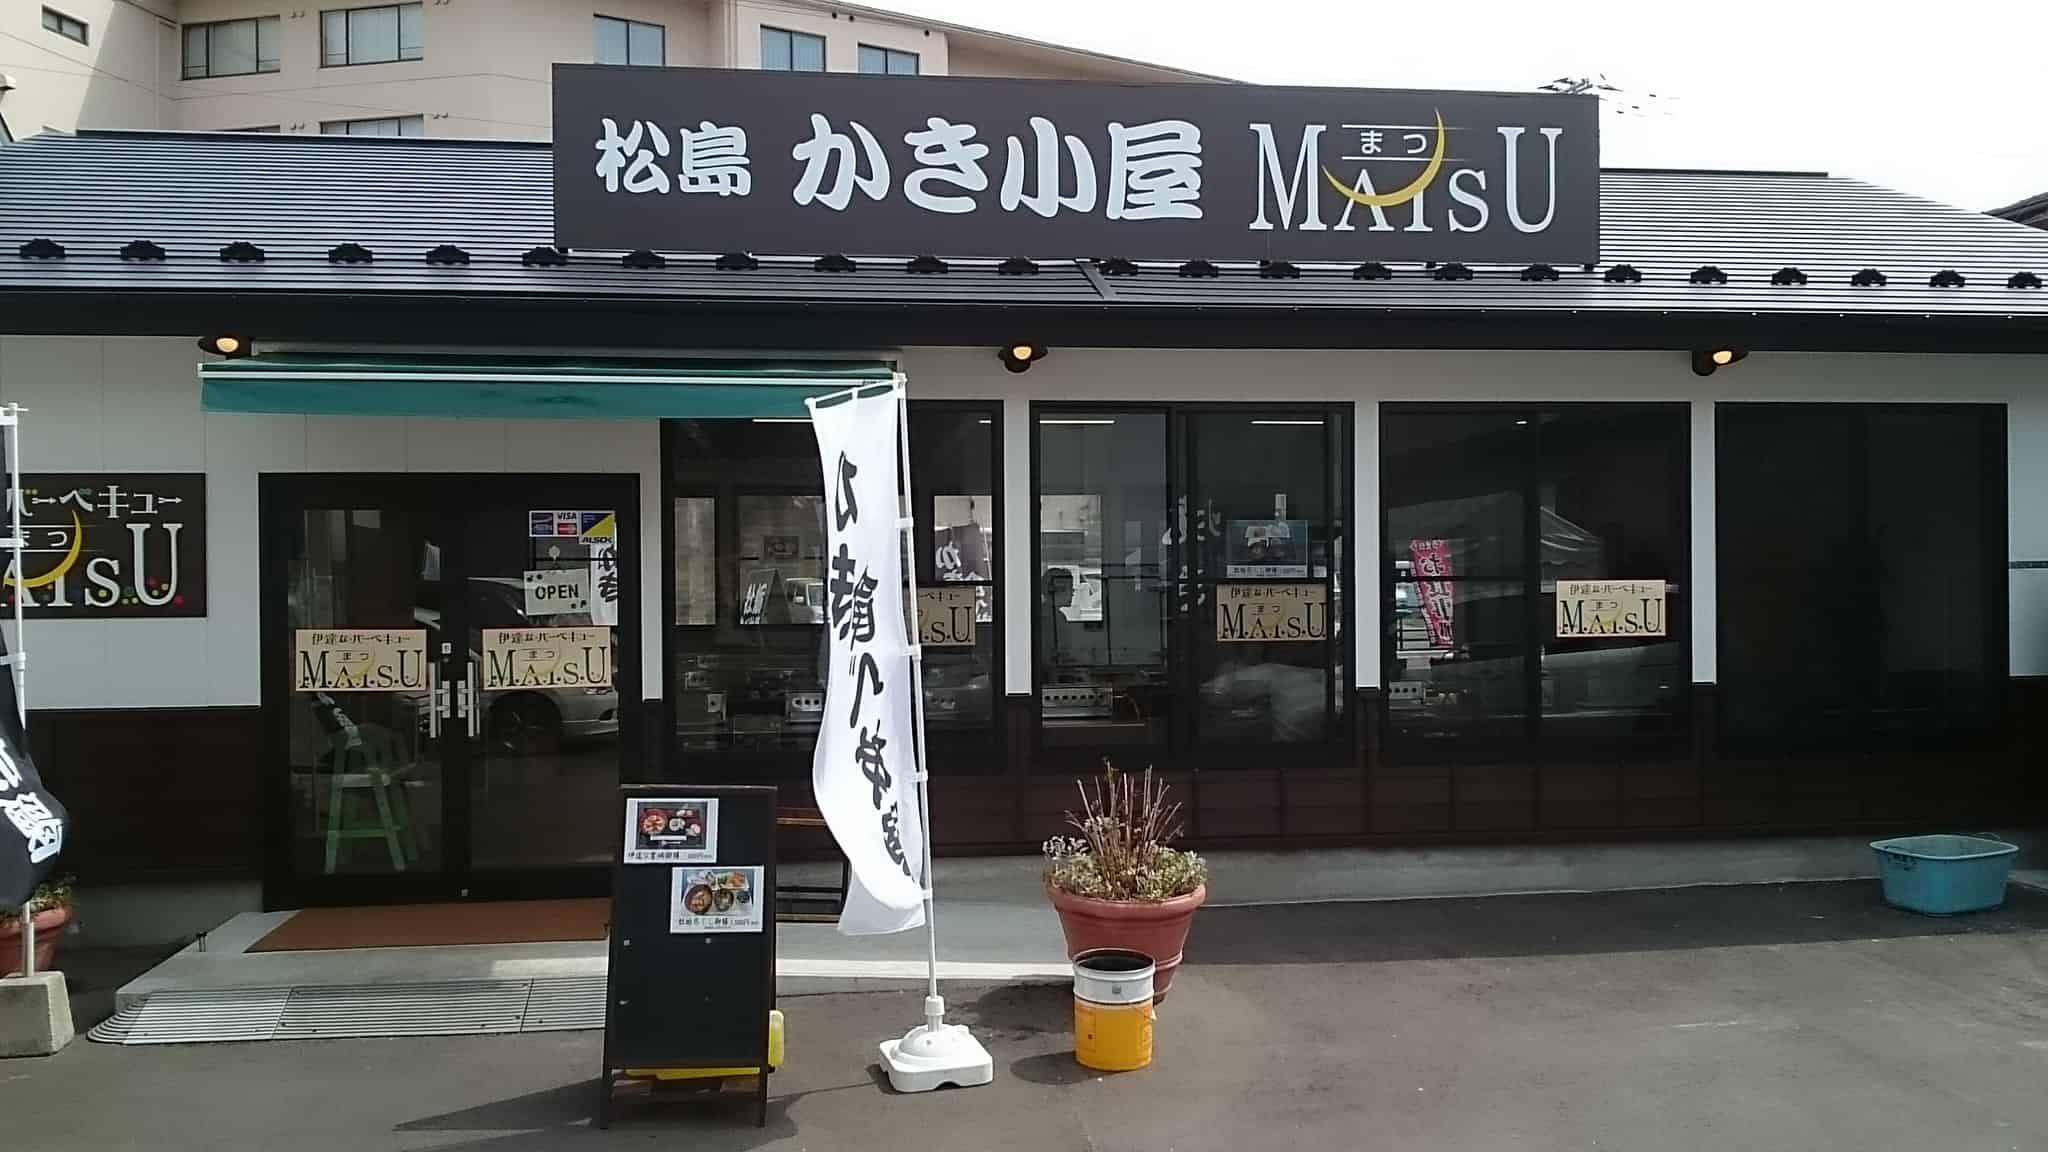 บุฟเฟ่ต์หอยนางรม มัตสึชิมะ : Datena BBQ Matsu